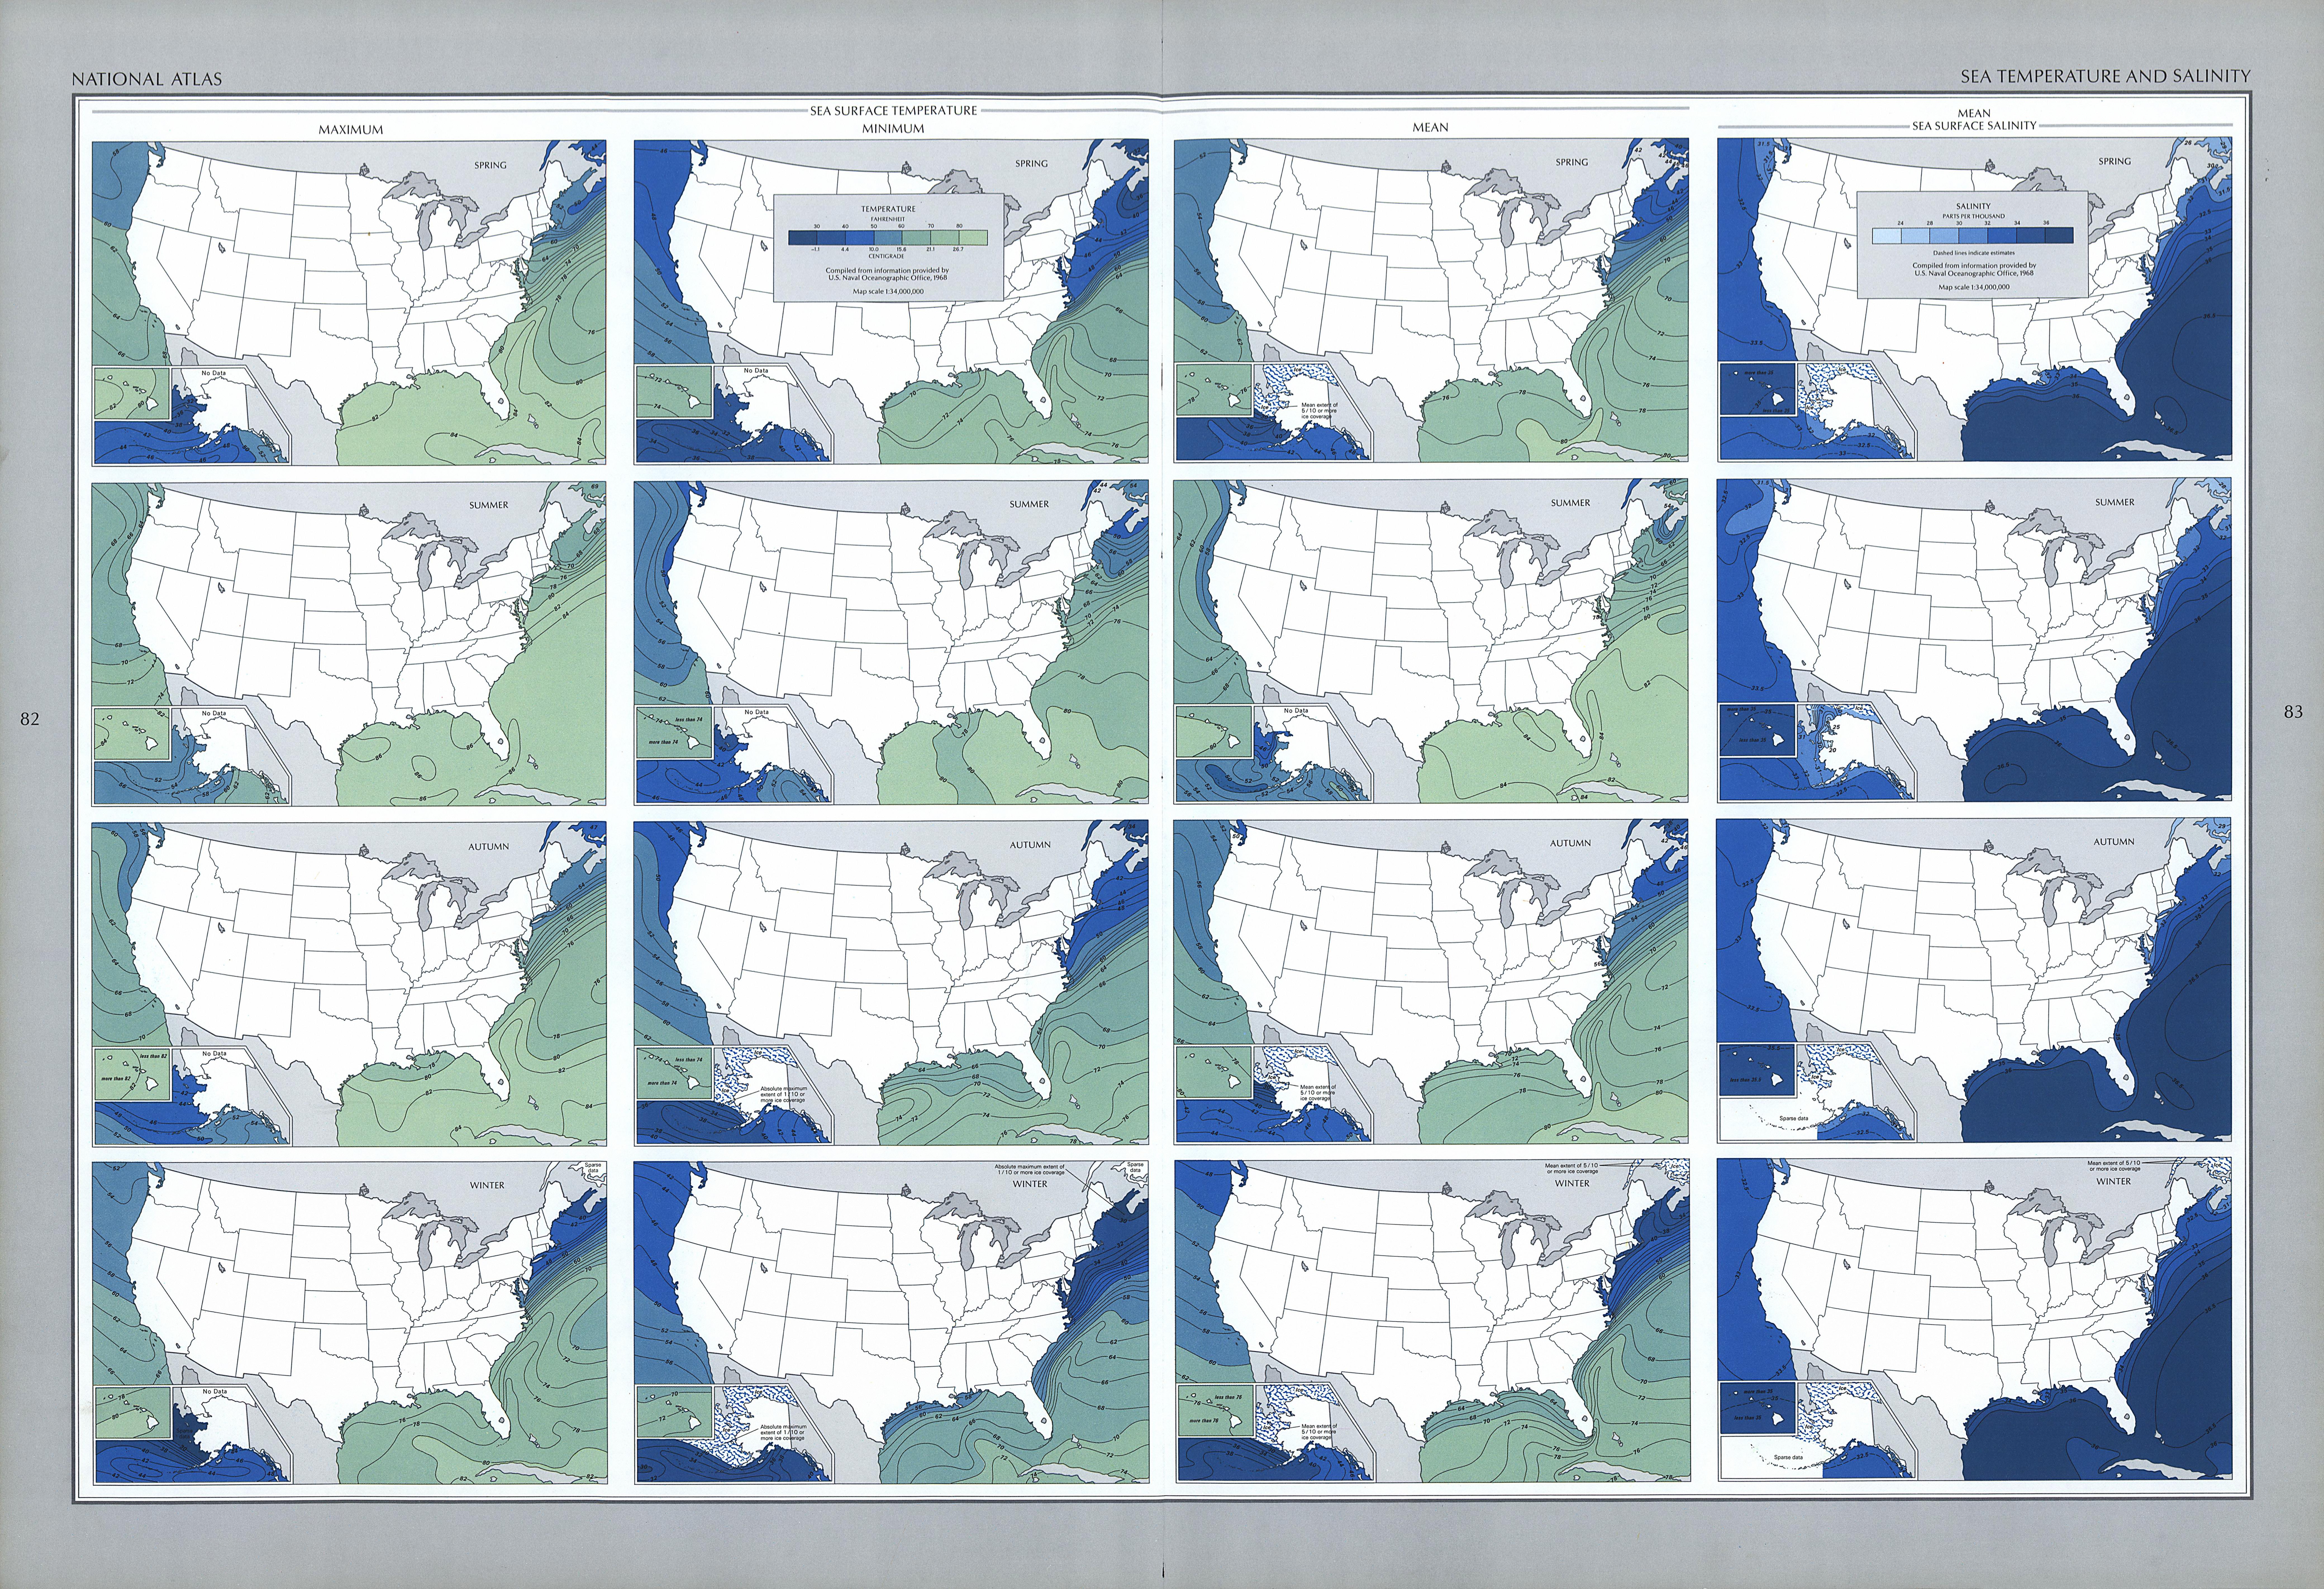 Mapa de la Temperatura y de la Salinidad del Mar, Estados Unidos